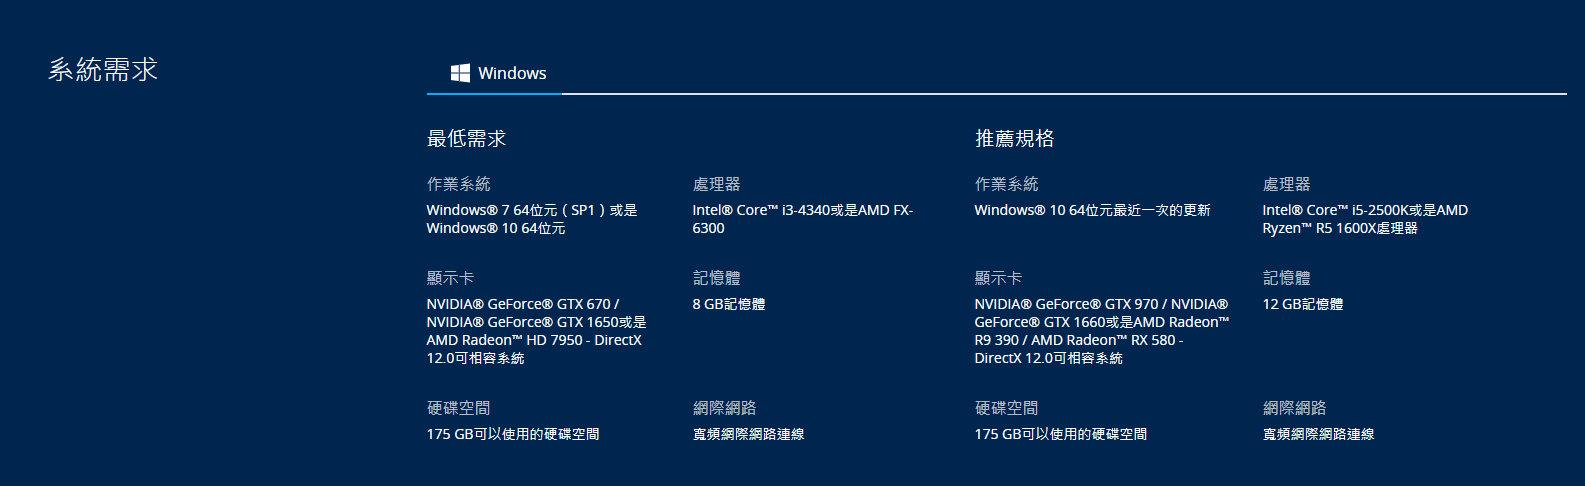 《使命召唤16》PC配置正式公布 要求175GB硬盘空间 第2张